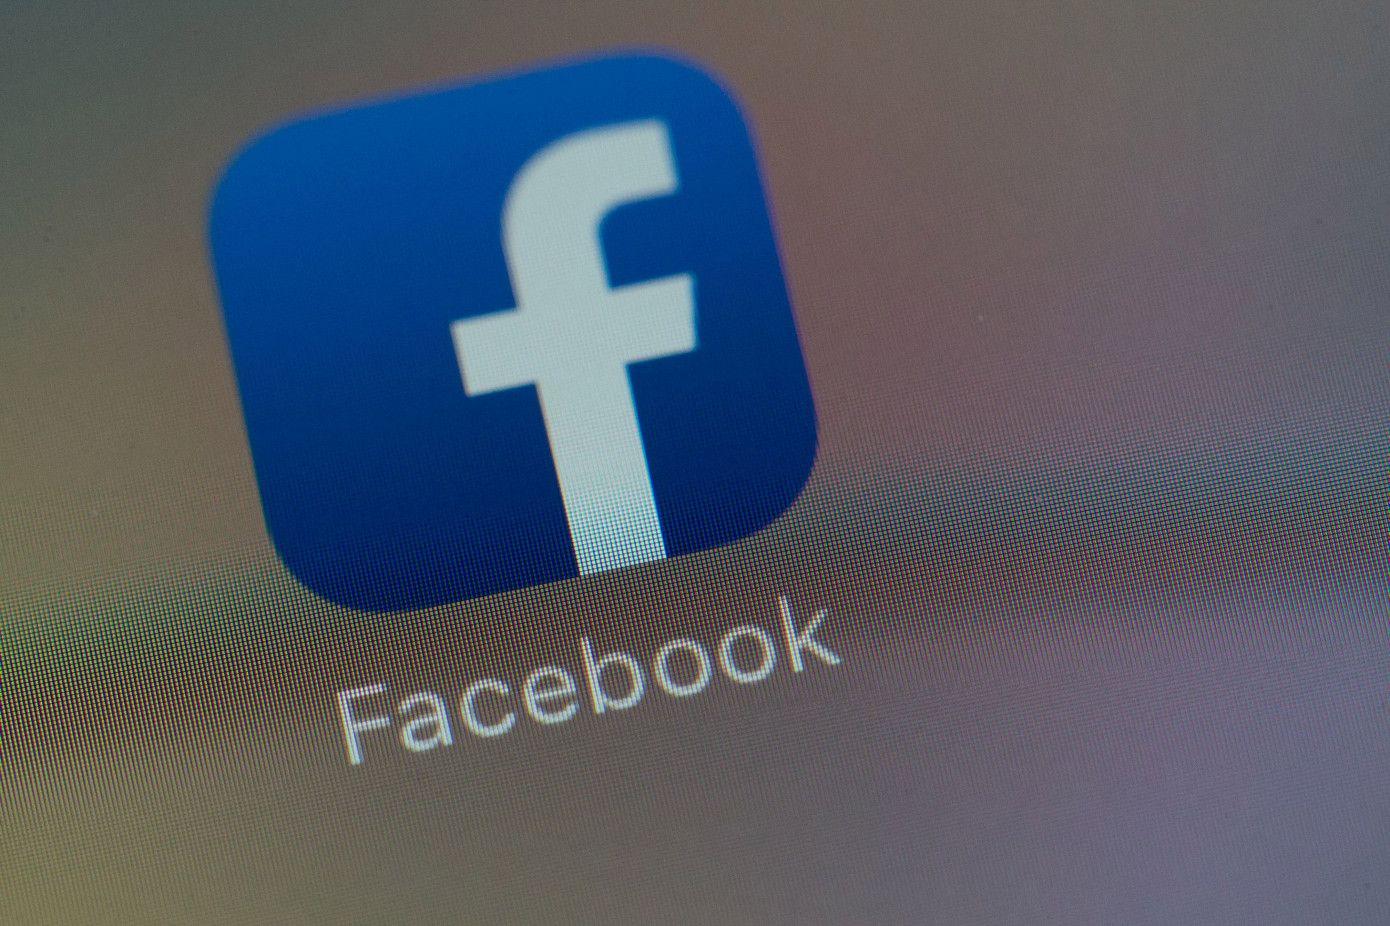 En un desafío a Twitch y YouTube, Facebook añade 'Gaming' a su navegación principal